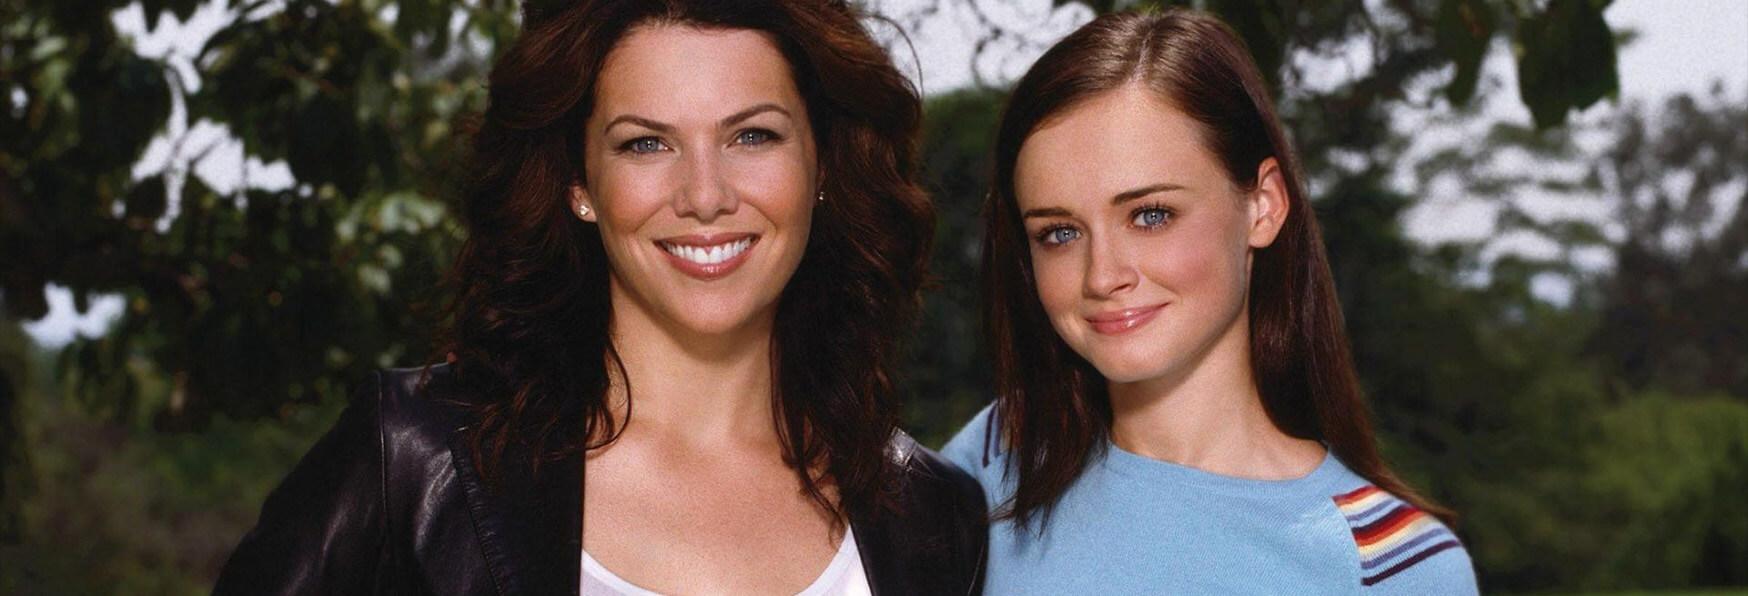 Gilmore Girls diventa Maggiorenne: 18 Anni dalla Premiere. Un altro Revival all'Orizzonte?